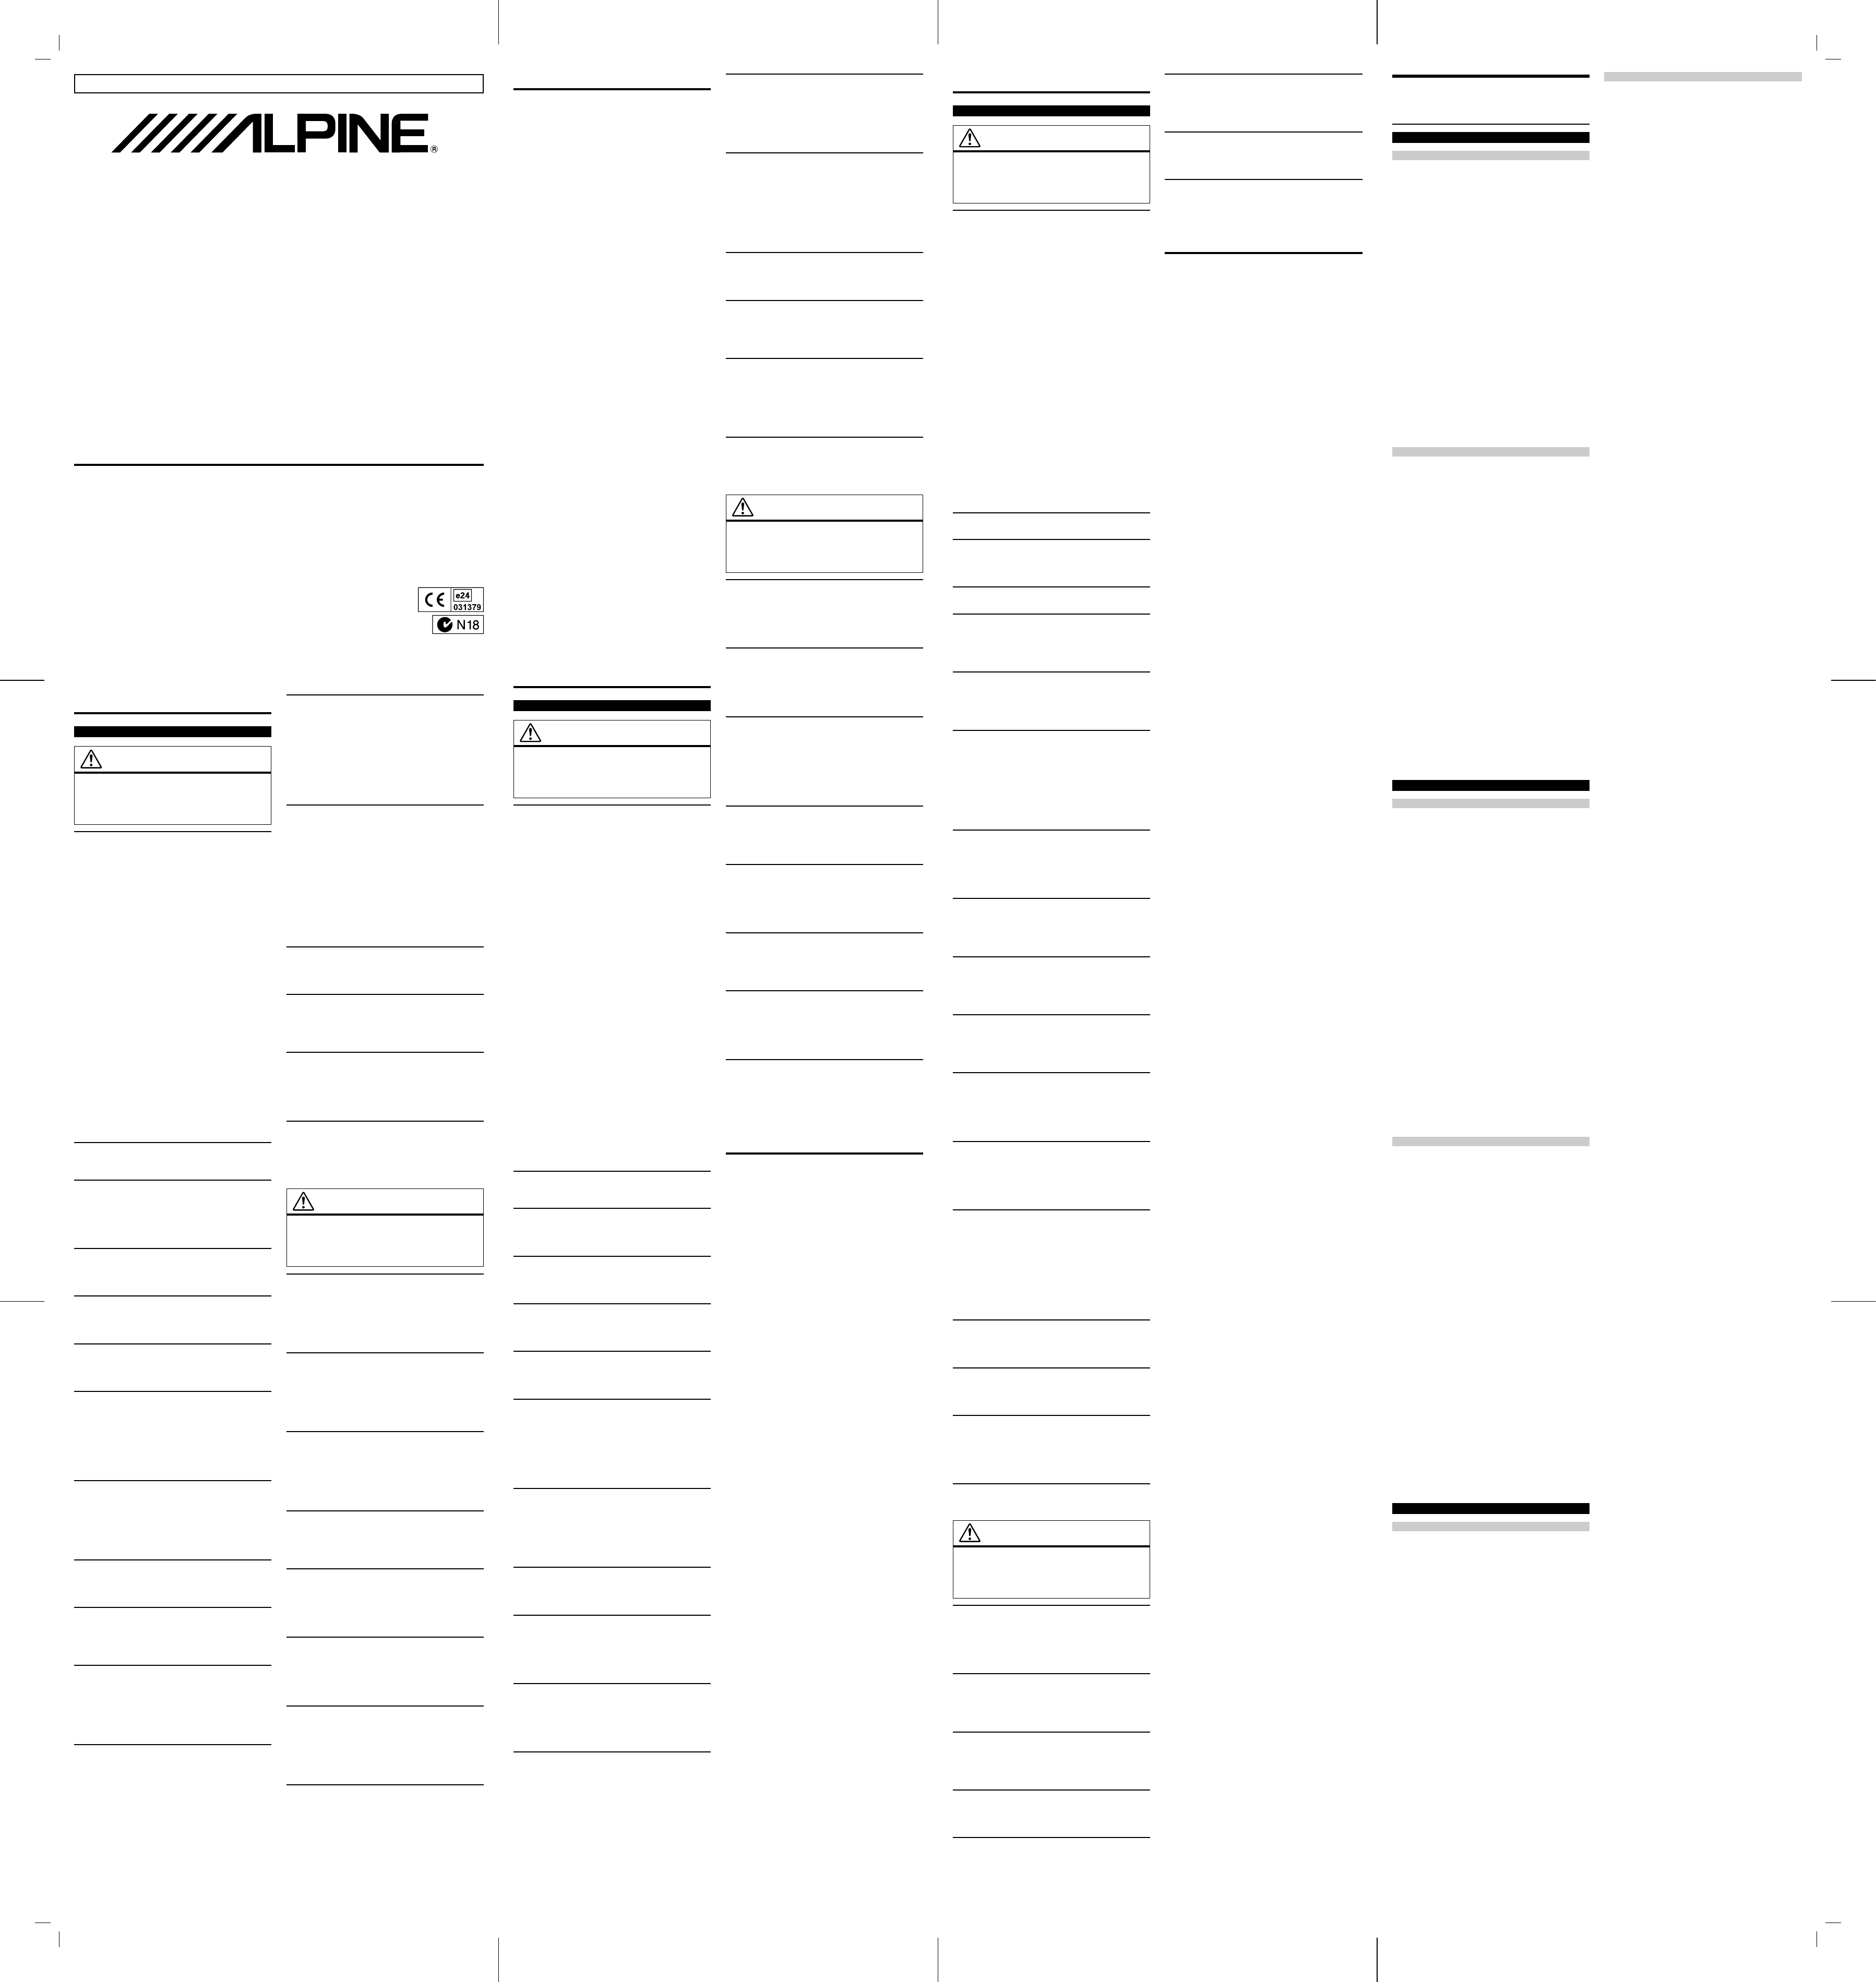 Be nungsanleitung Alpine HCE C212F Seite 1 von 2 Deutsch Italienisch